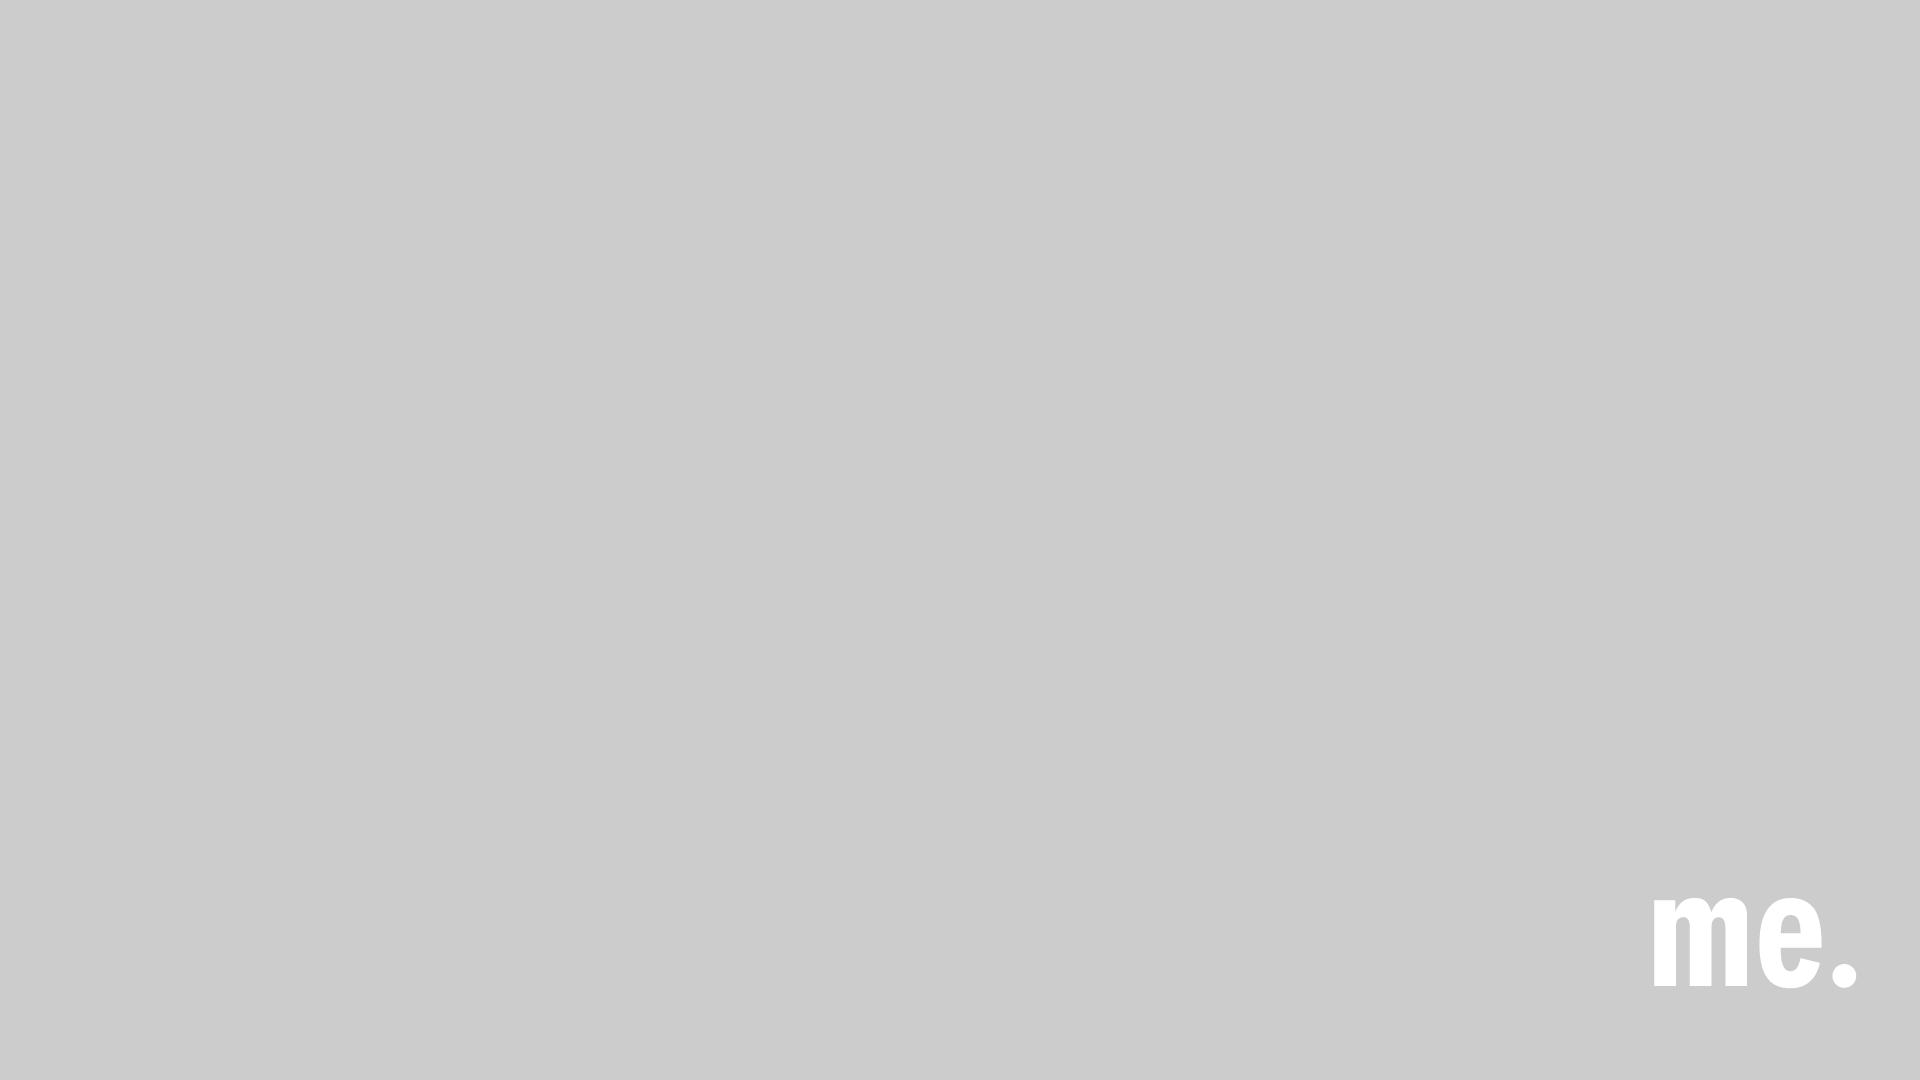 Die große Verehrerin von Joni Mitchell war damit die erste Frau, der das mit einer Eigenkomposition gelang – ein Fanal fü